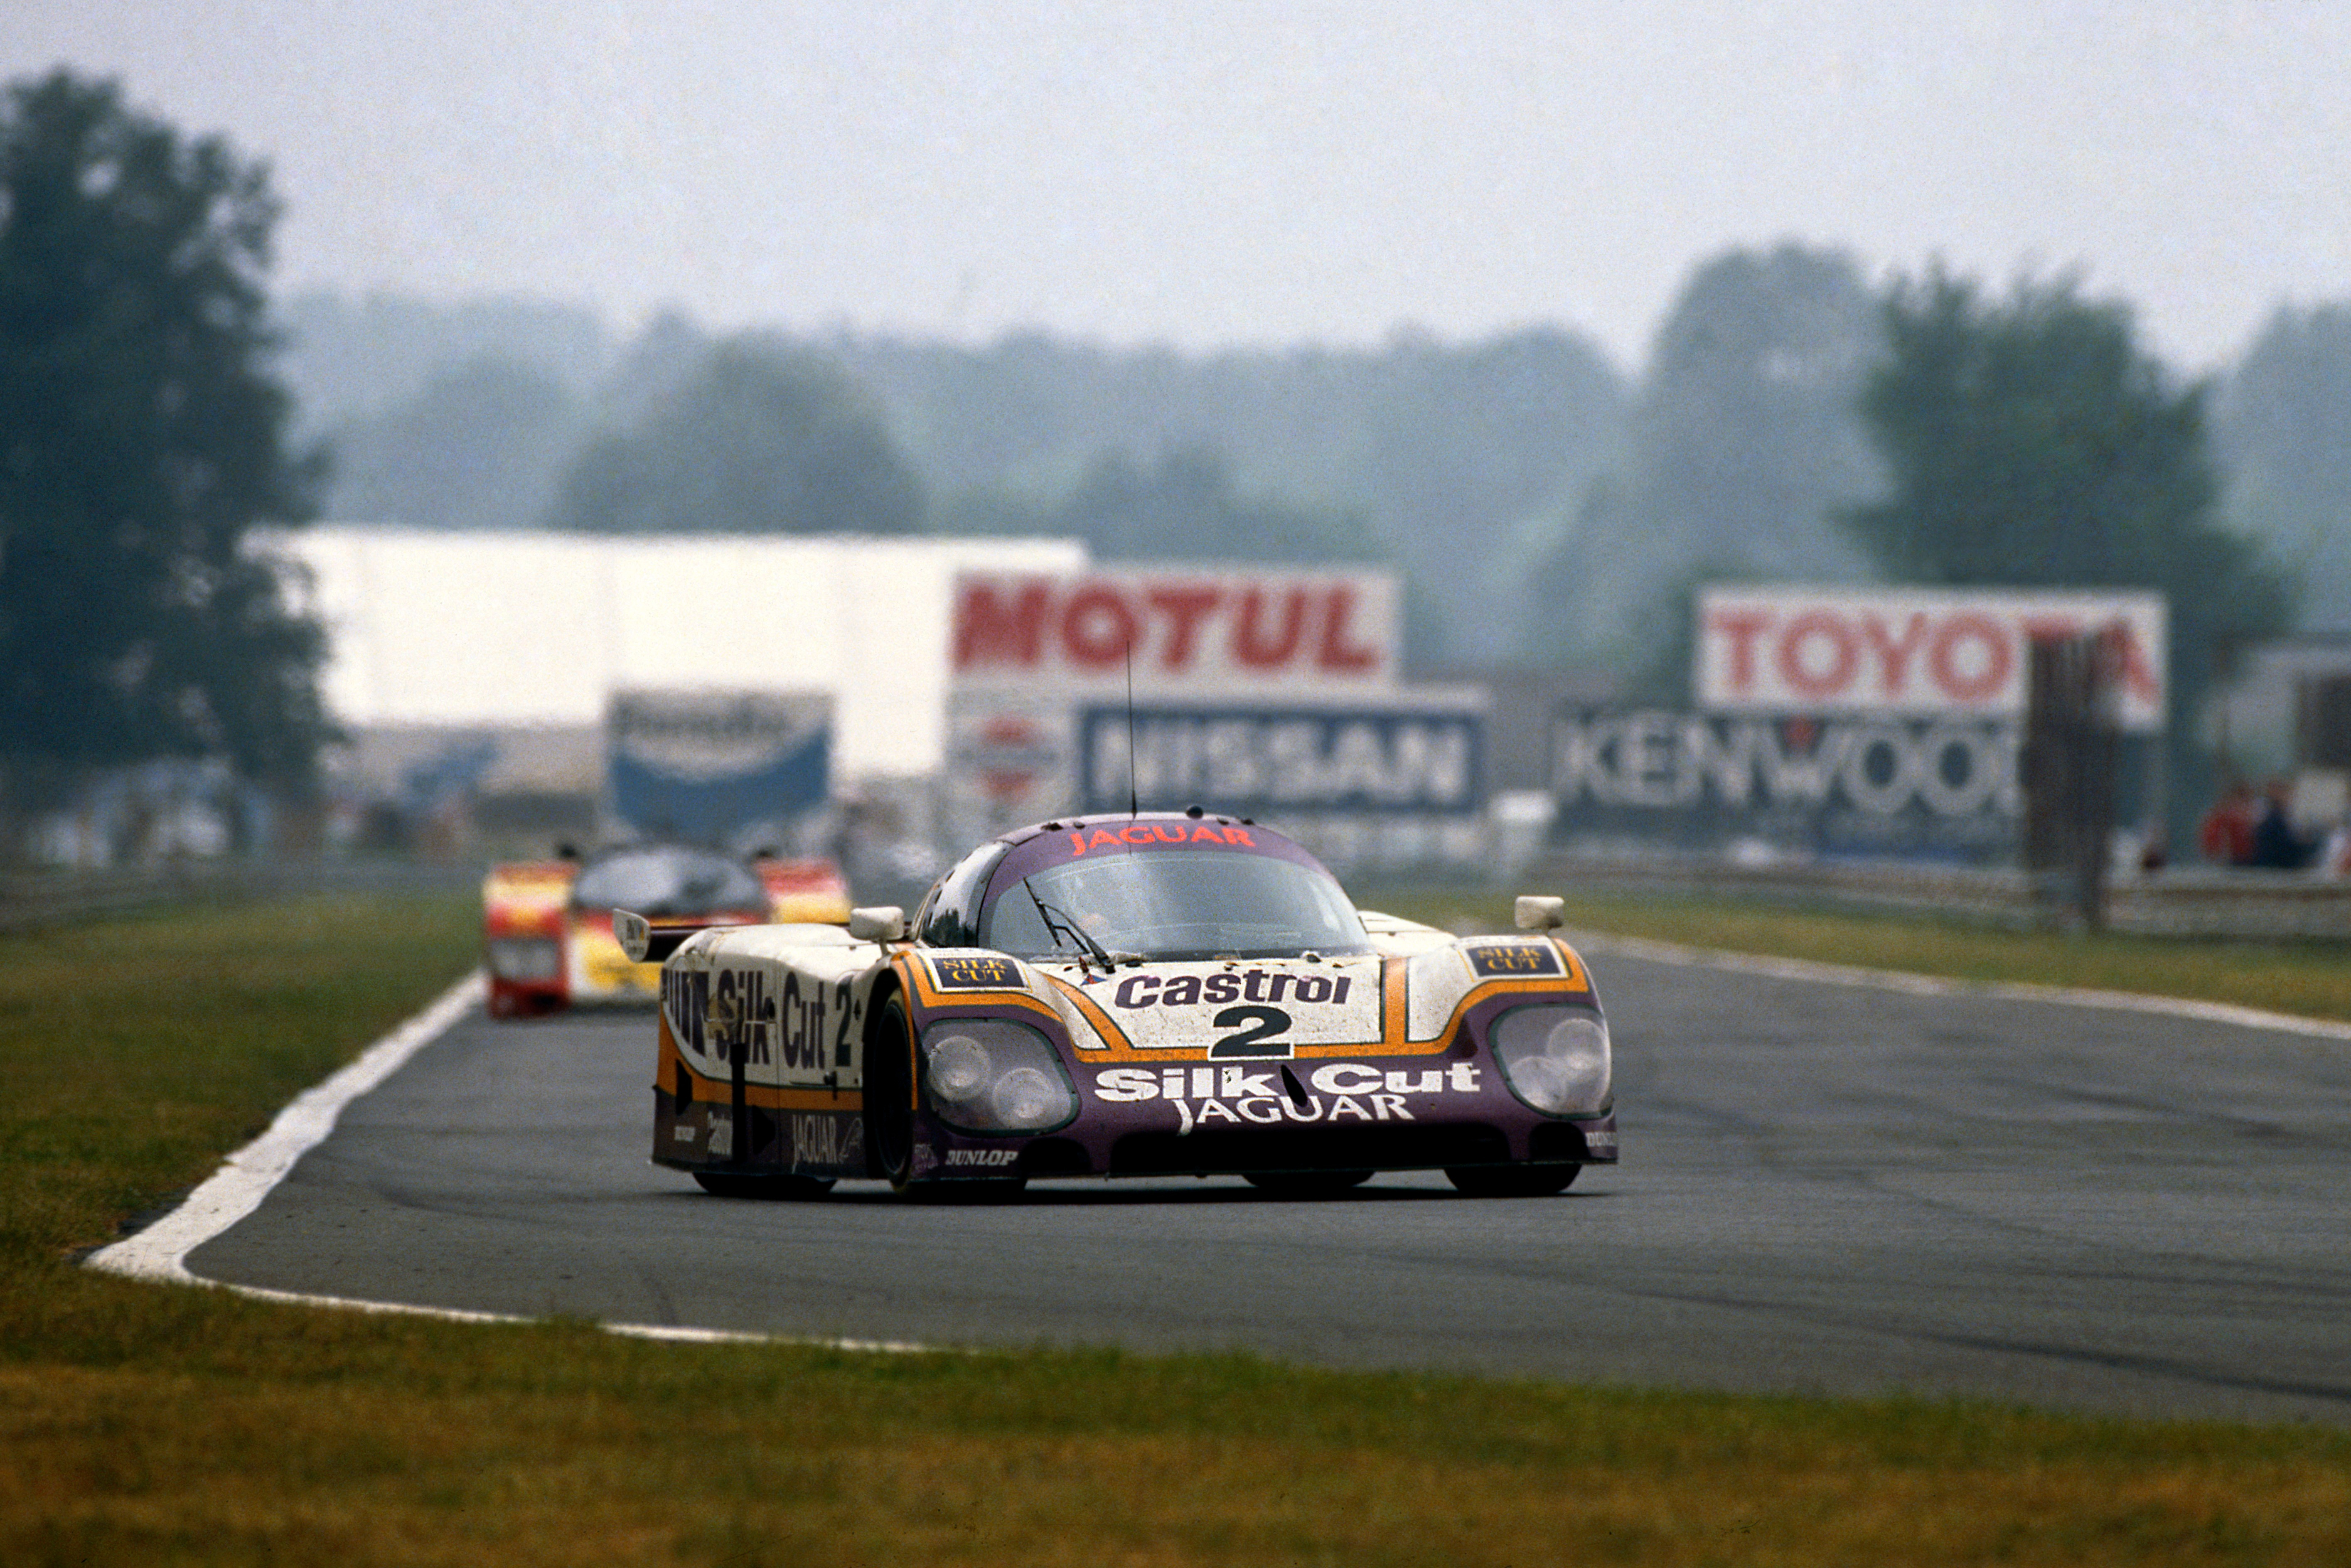 Jan Lammers/Johnny Dumfries/Andy Wallace Jaguar XJR-9 LM, 1988 Le Mans 24 Hours